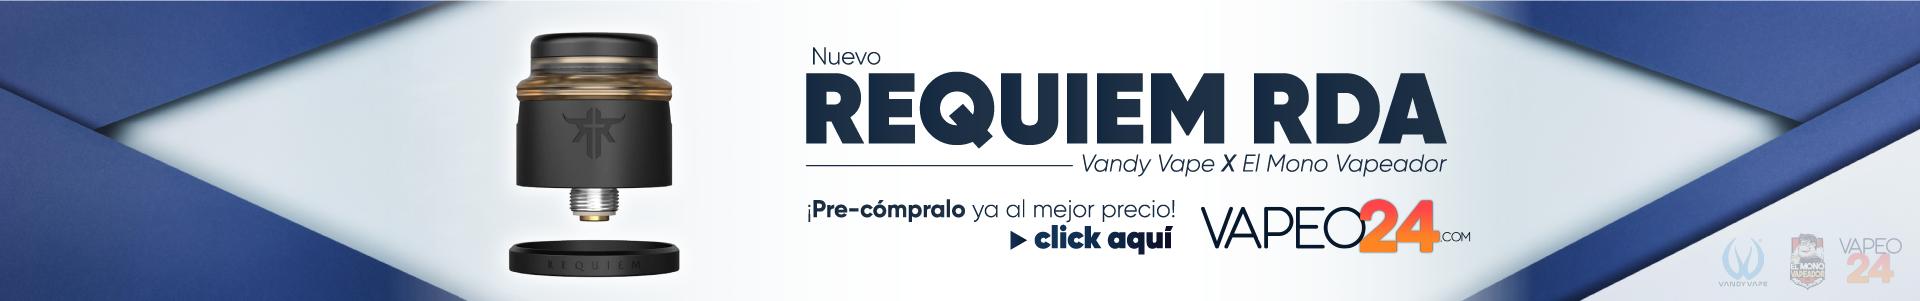 Requiem RDA Vapeo24